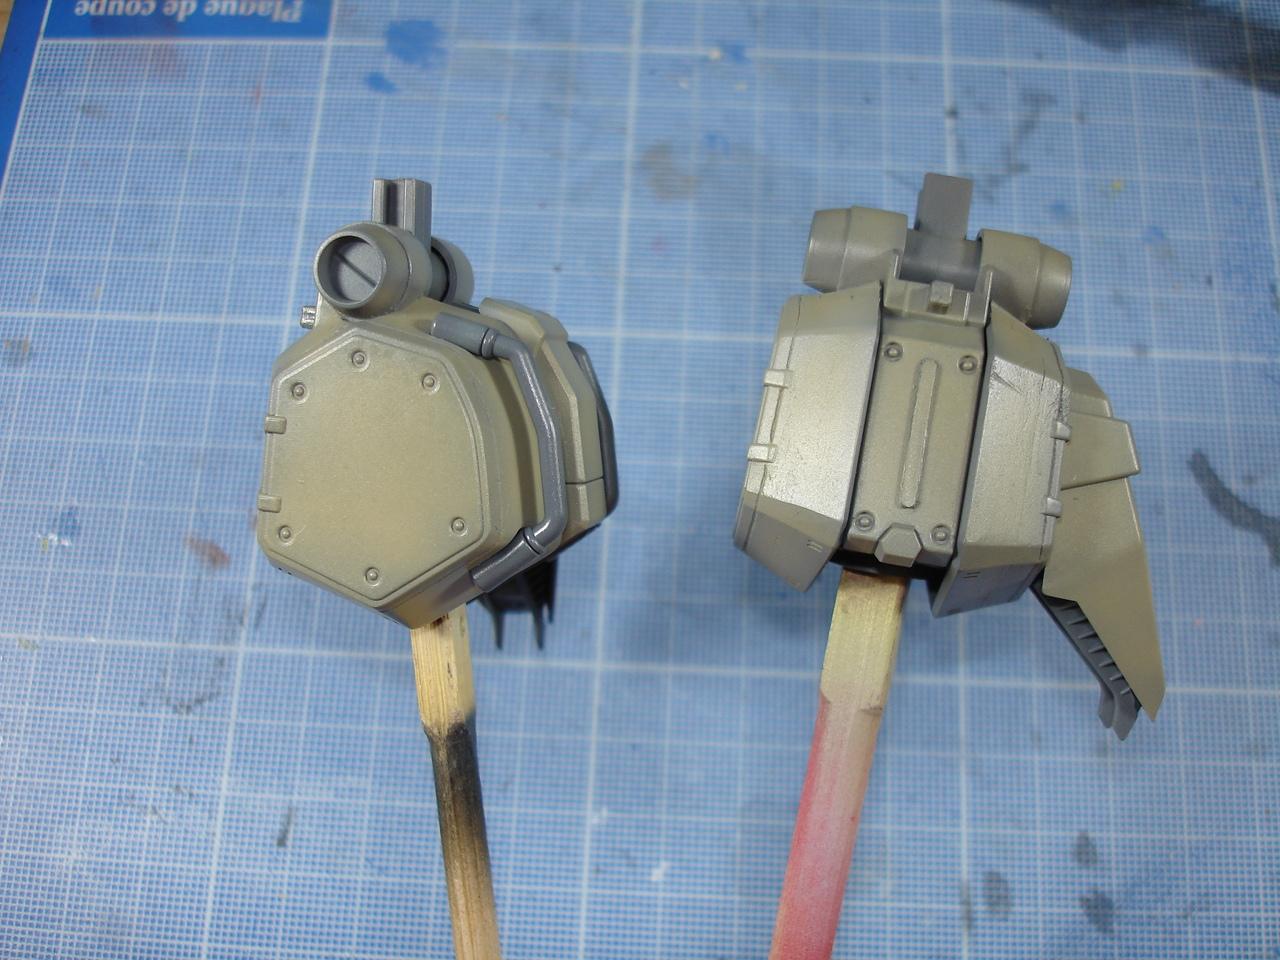 Les jambes avec ses différentes composantes montées. Pas de détaillage au pinceau sur ces pièces.